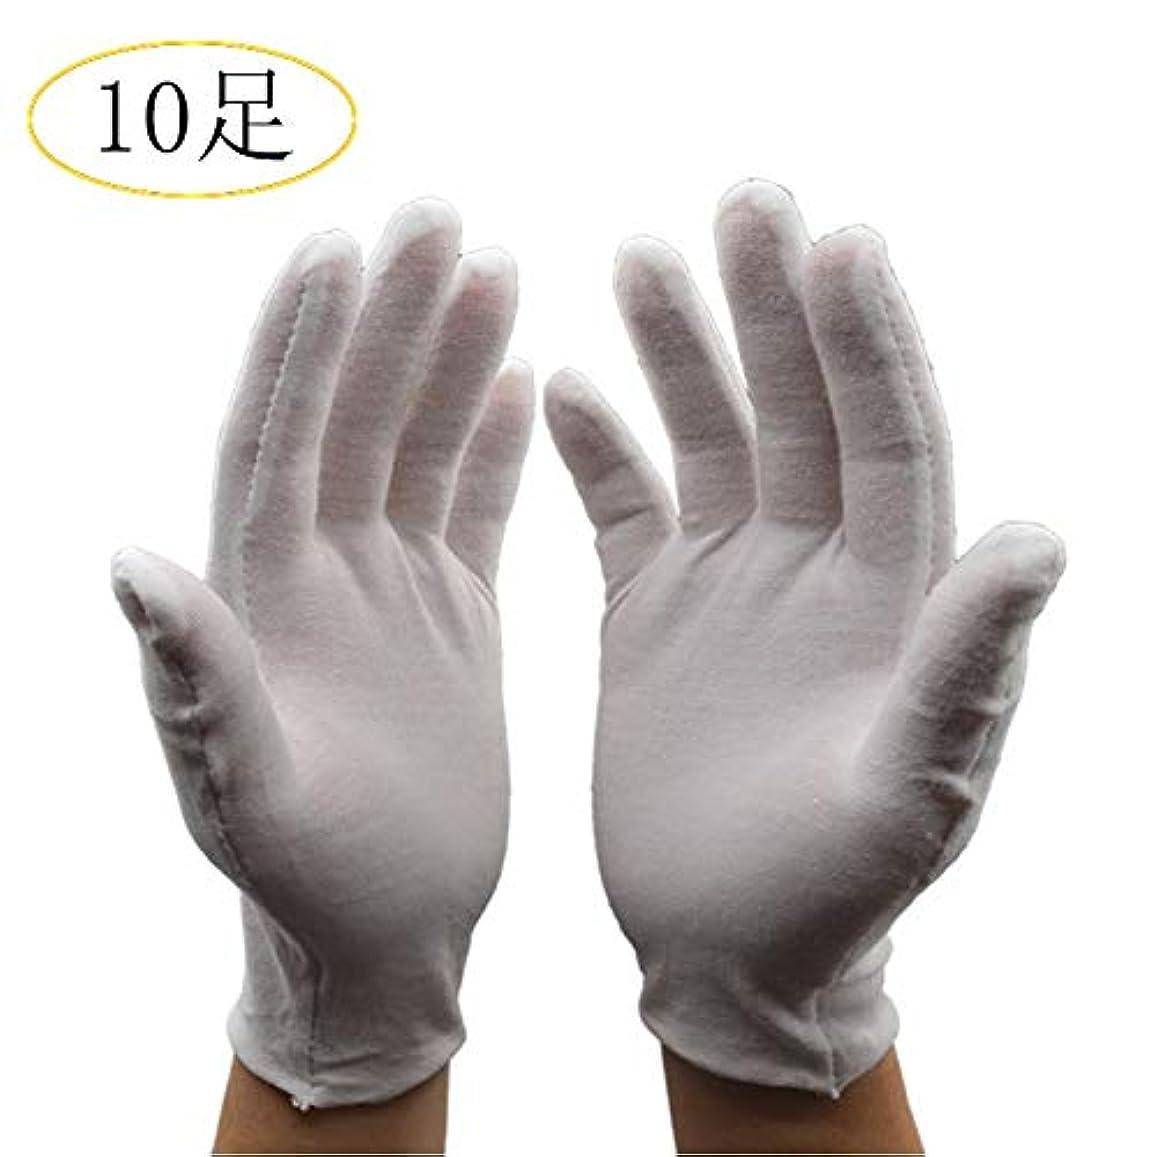 スペード簡略化するちょうつがいZMiw コットン手袋 綿手袋 インナーコットン手袋 ガーデニング用手袋 20枚入り 手荒れ 手袋 Sサイズ 湿疹用 乾燥肌用 保湿用 家事用 礼装用